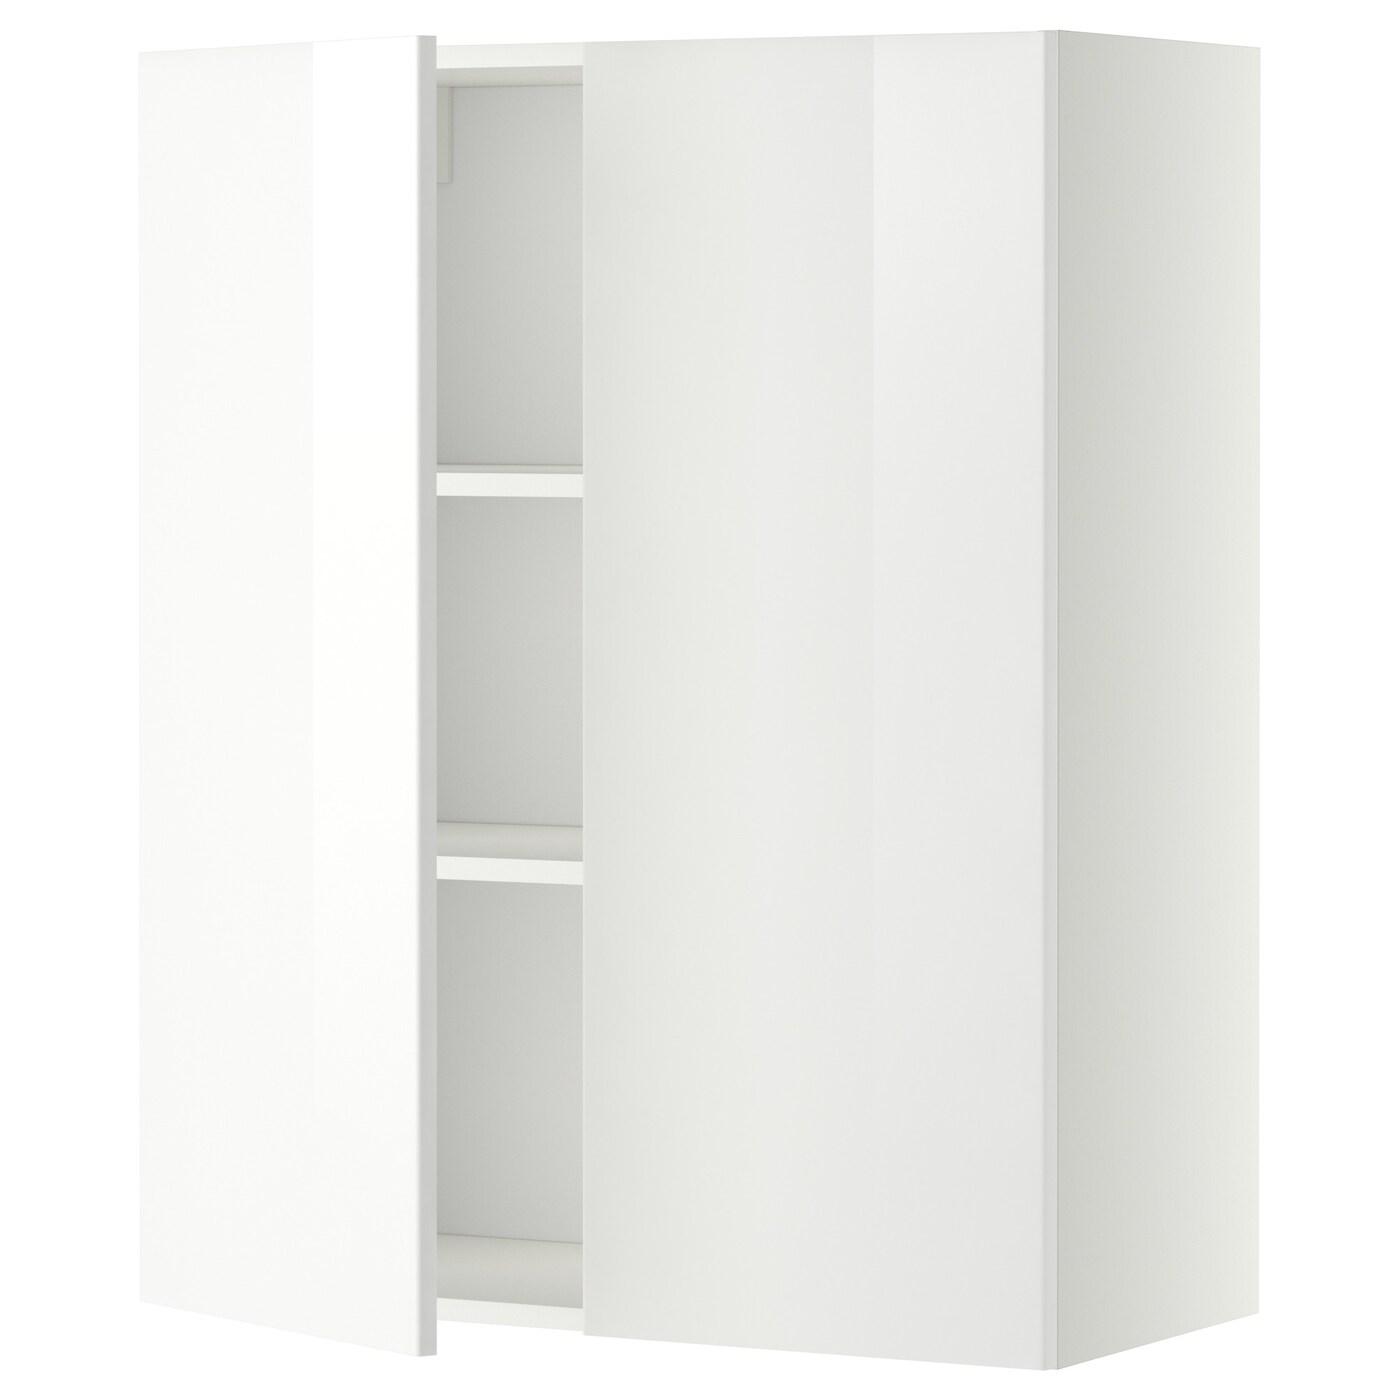 Full Size of Ringhult Ikea Metod Wall Cabinet With Shelves 2 Doors White Küche Kosten Betten 160x200 Miniküche Kaufen Modulküche Sofa Mit Schlaffunktion Bei Wohnzimmer Ringhult Ikea